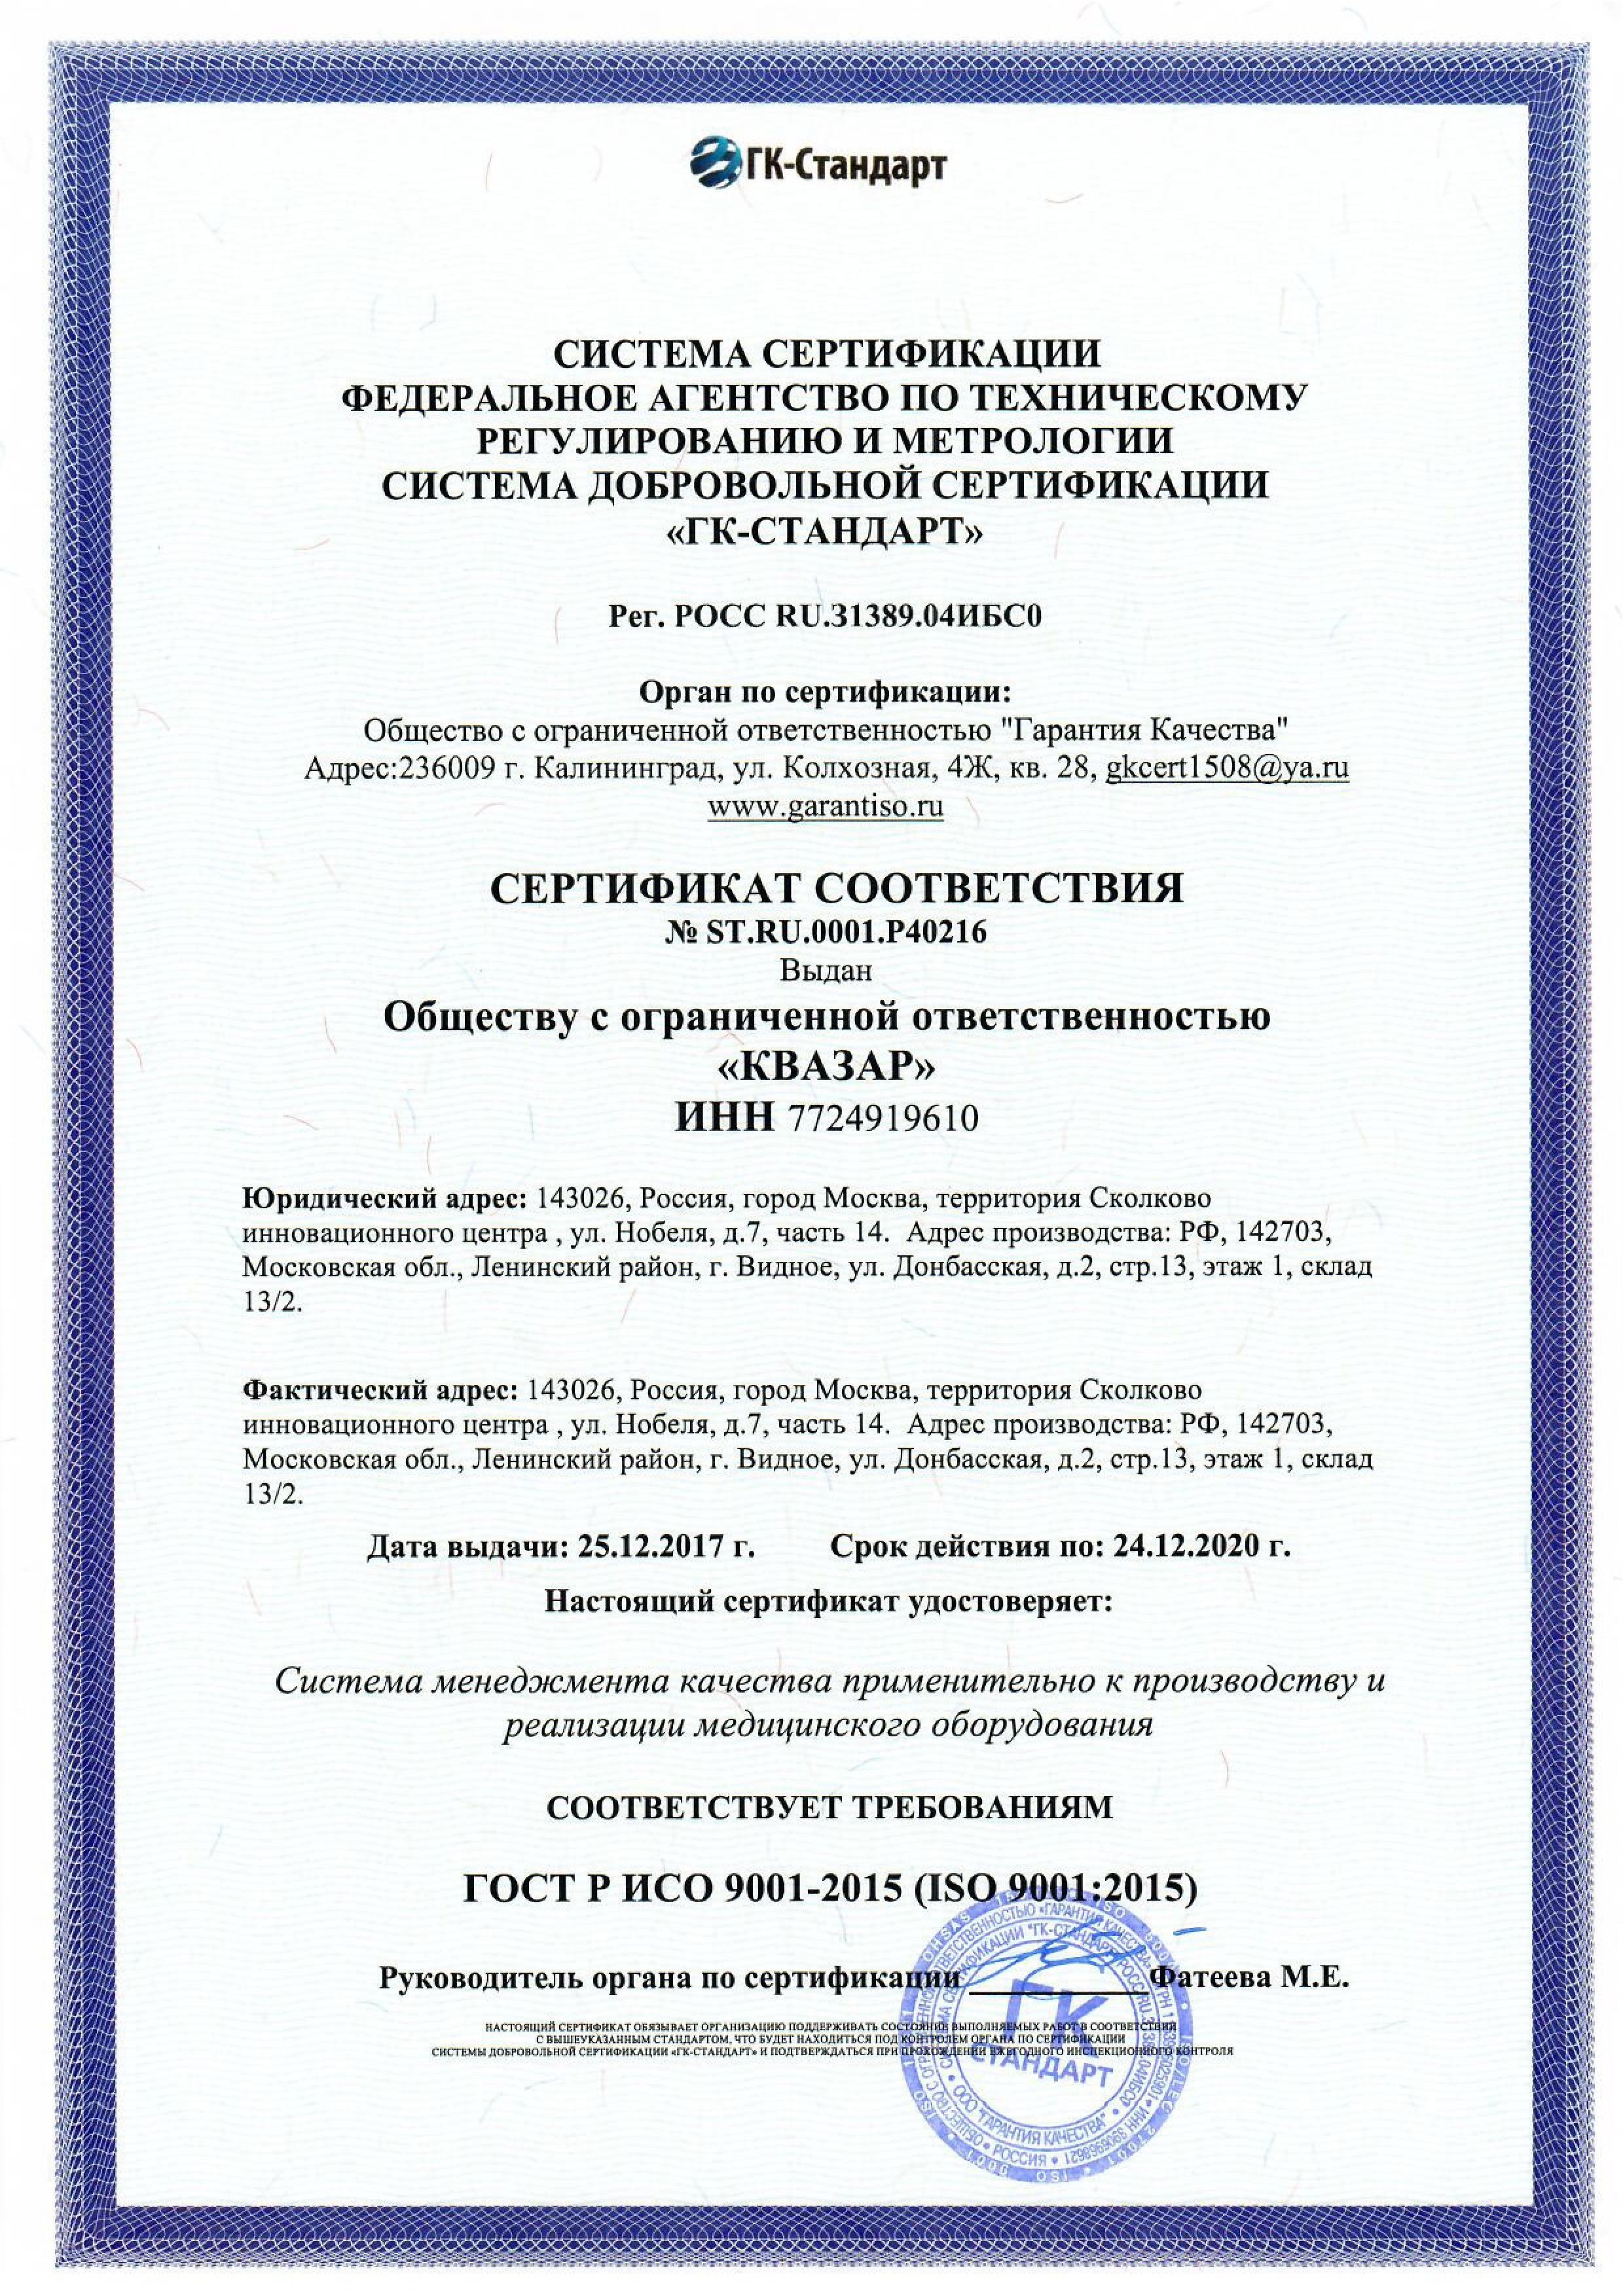 Сертификат соответствия_1